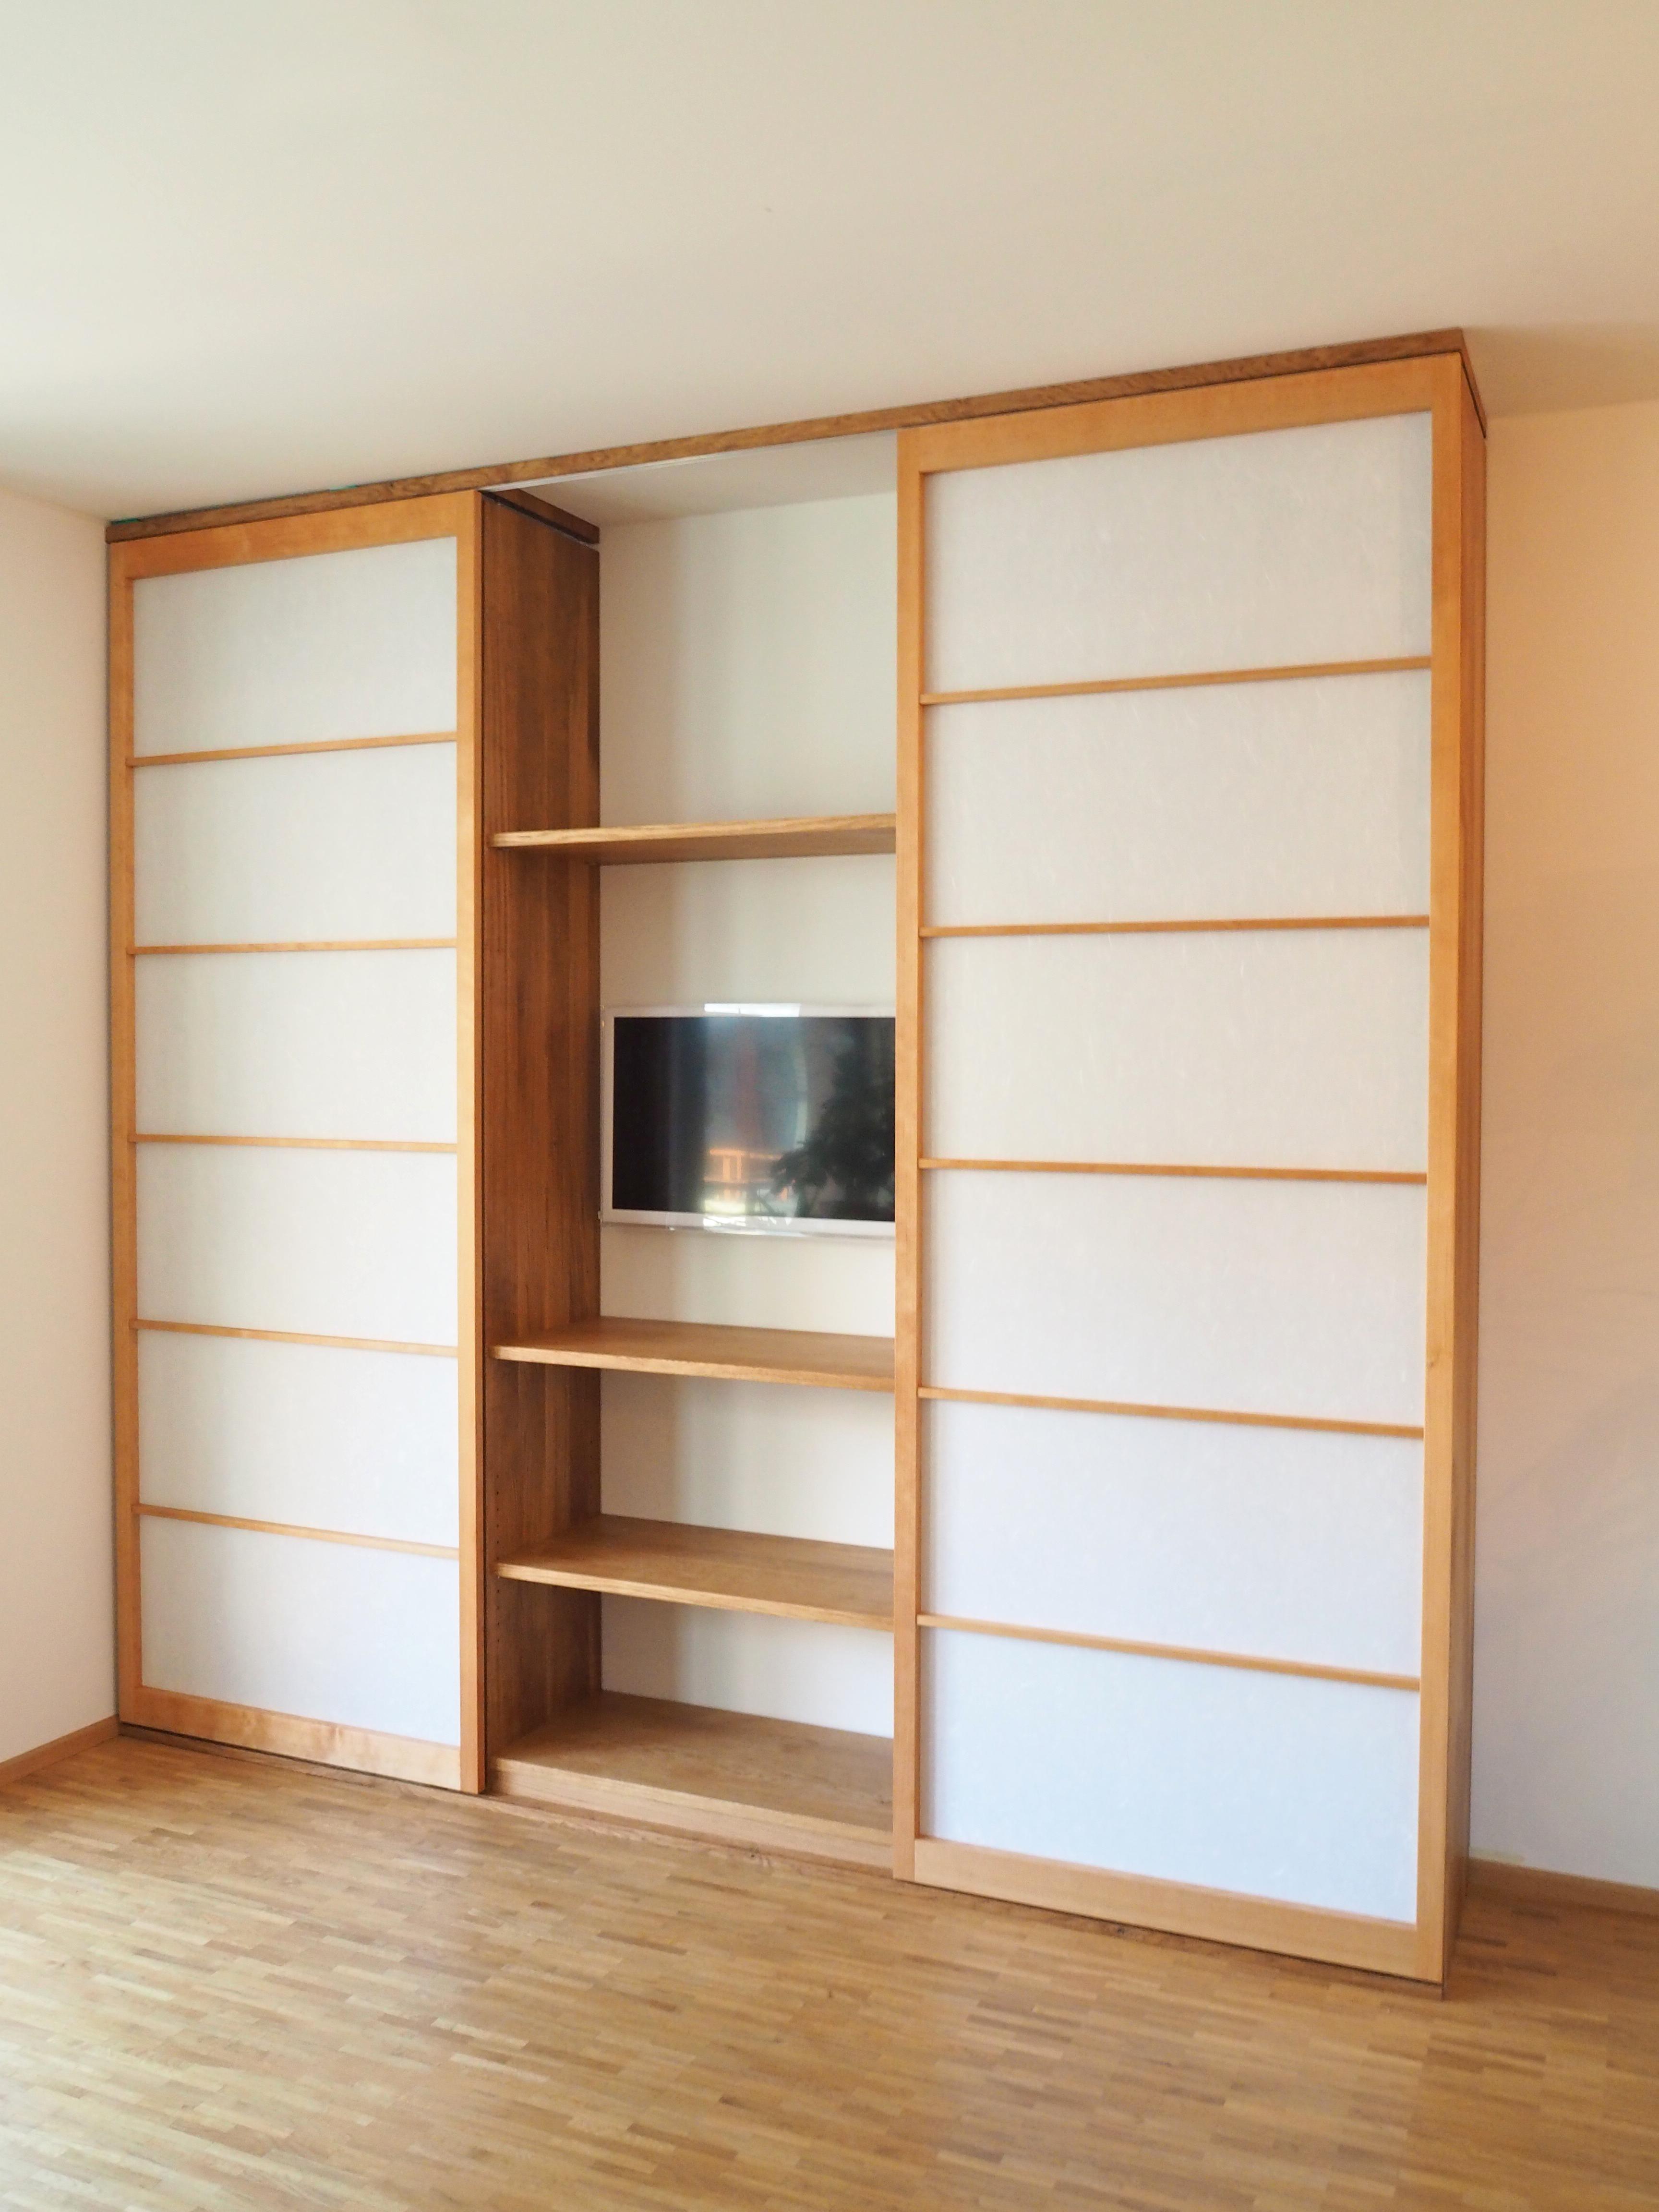 Wohnzimmerregal in Eiche mit Shoji Schiebtüren 02